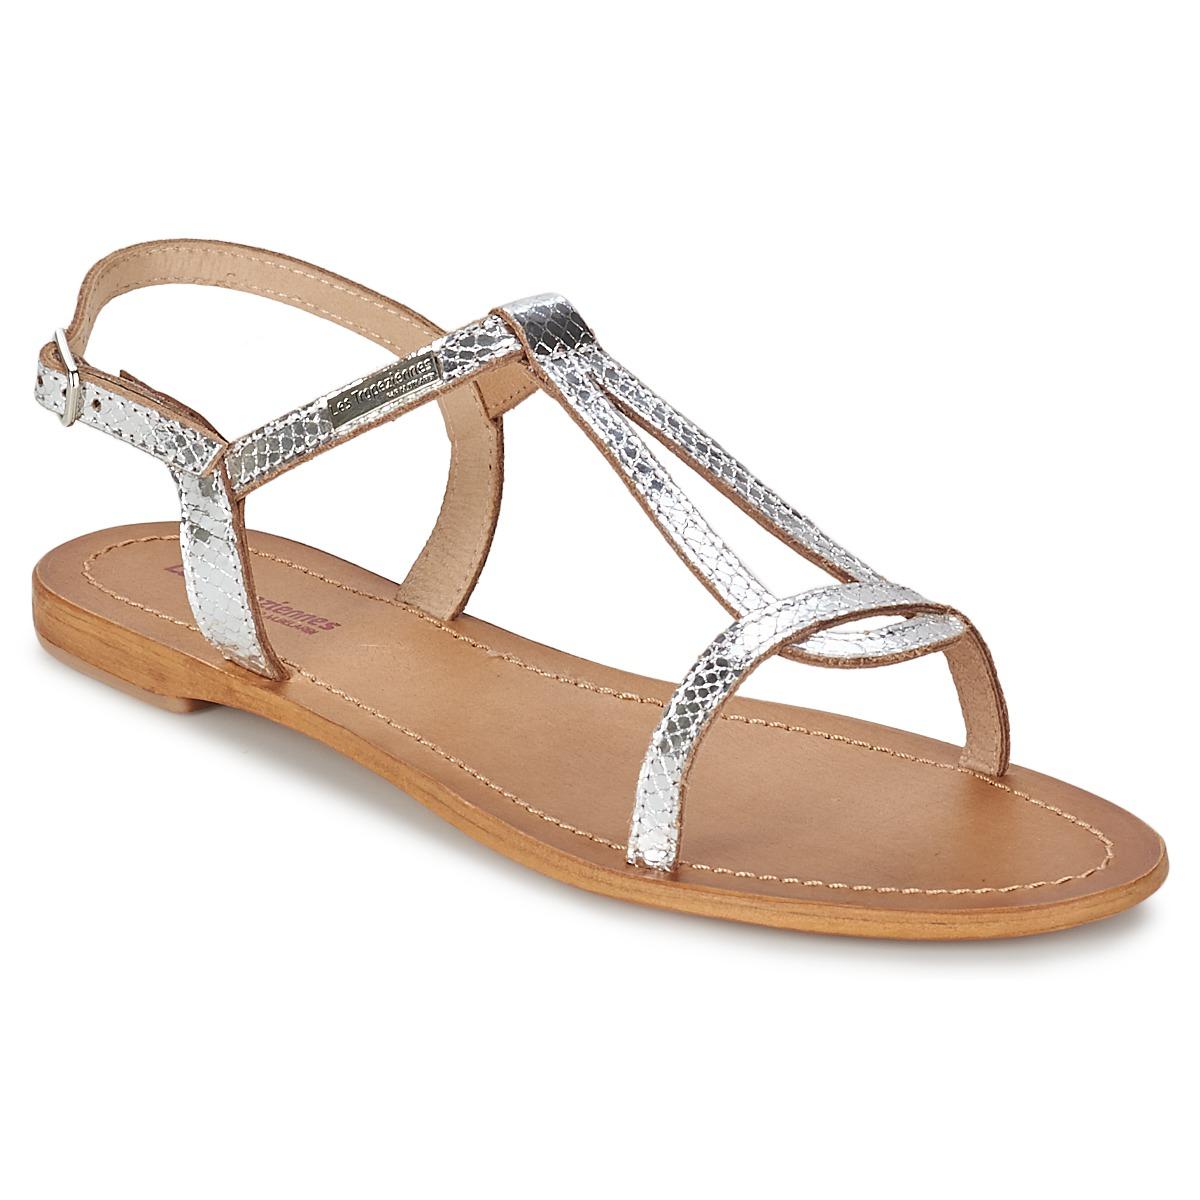 dfb8e82d2a694 A product les tropeziennes sandales hamat talon plat cuir les tropeziennes  par m belarbi cuivre